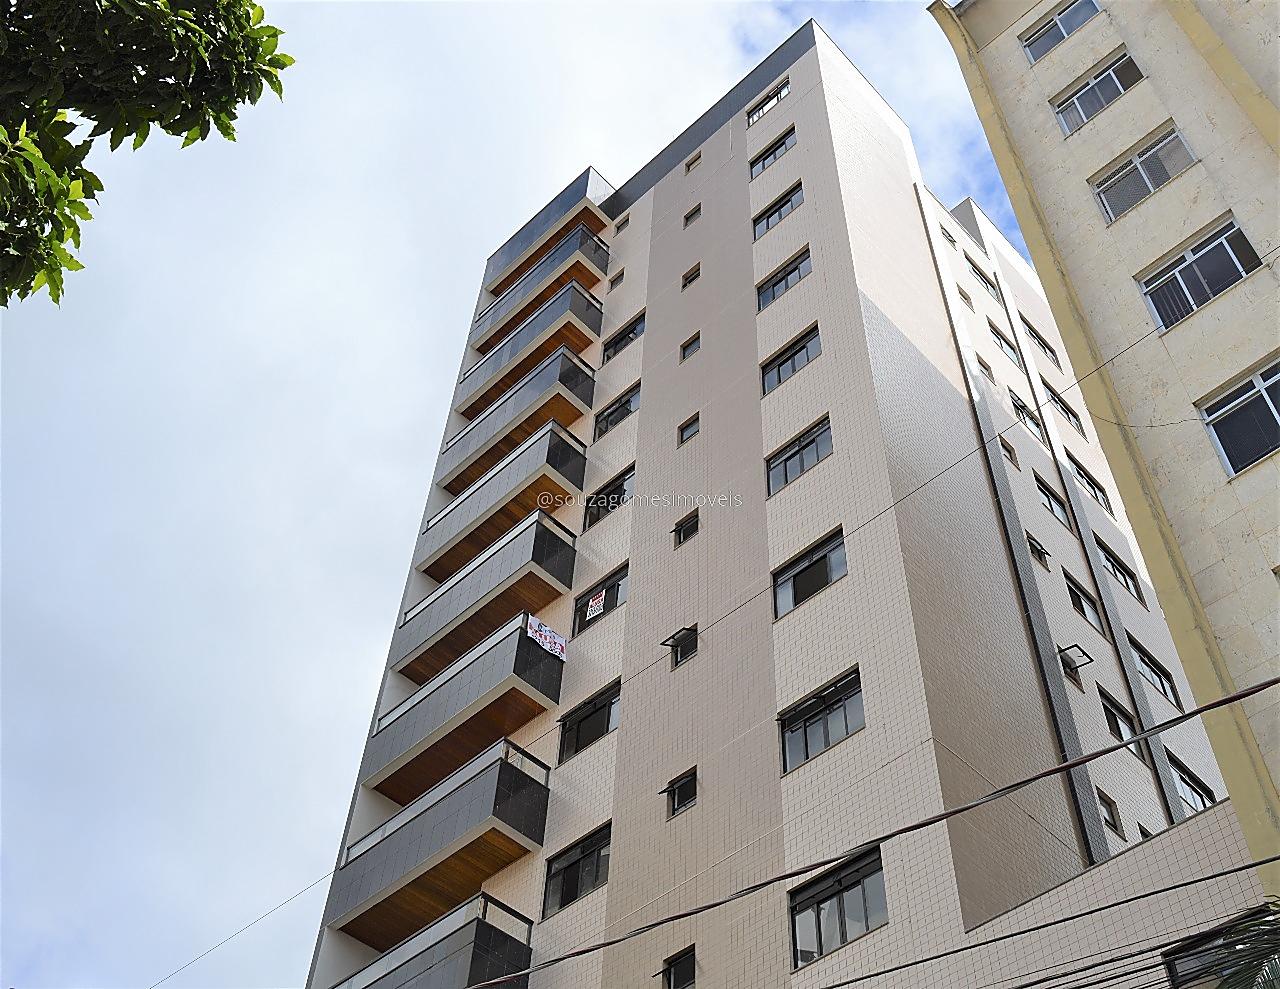 Ref.: 5159 - Cob. 3 qtos - Centro